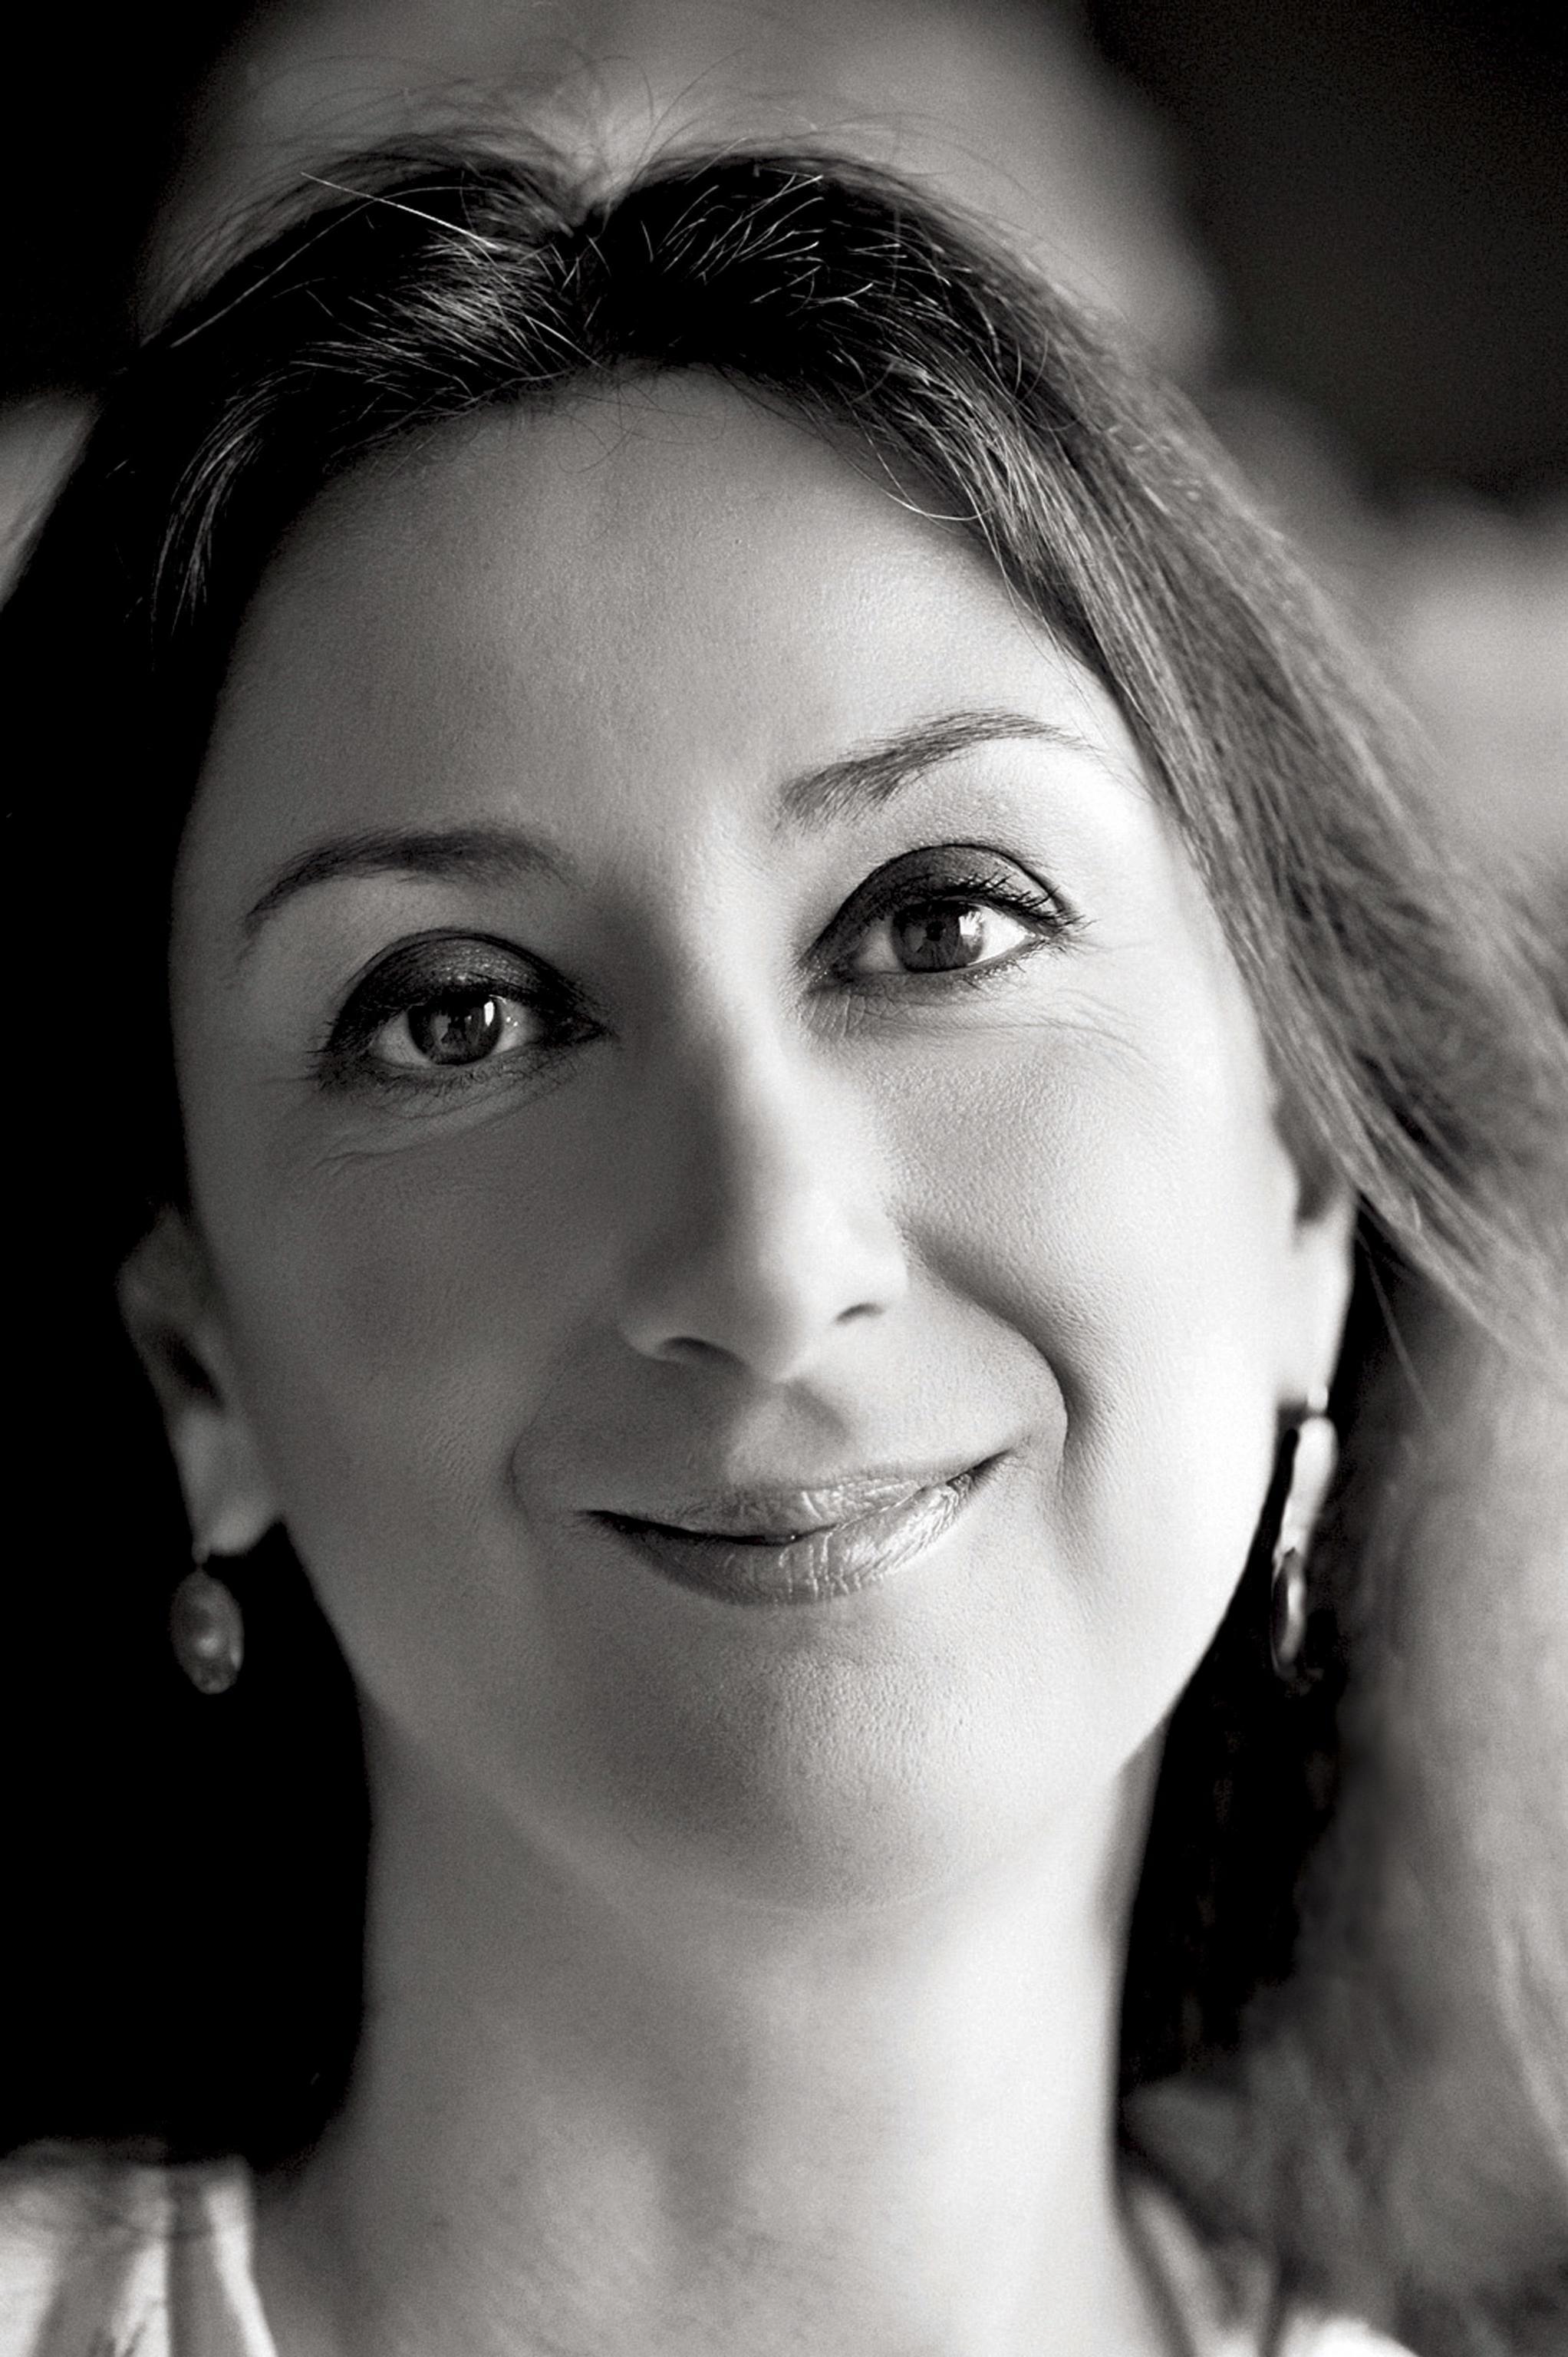 Giornalista uccisa a Malta, chi era Daphne Caruana Galizia